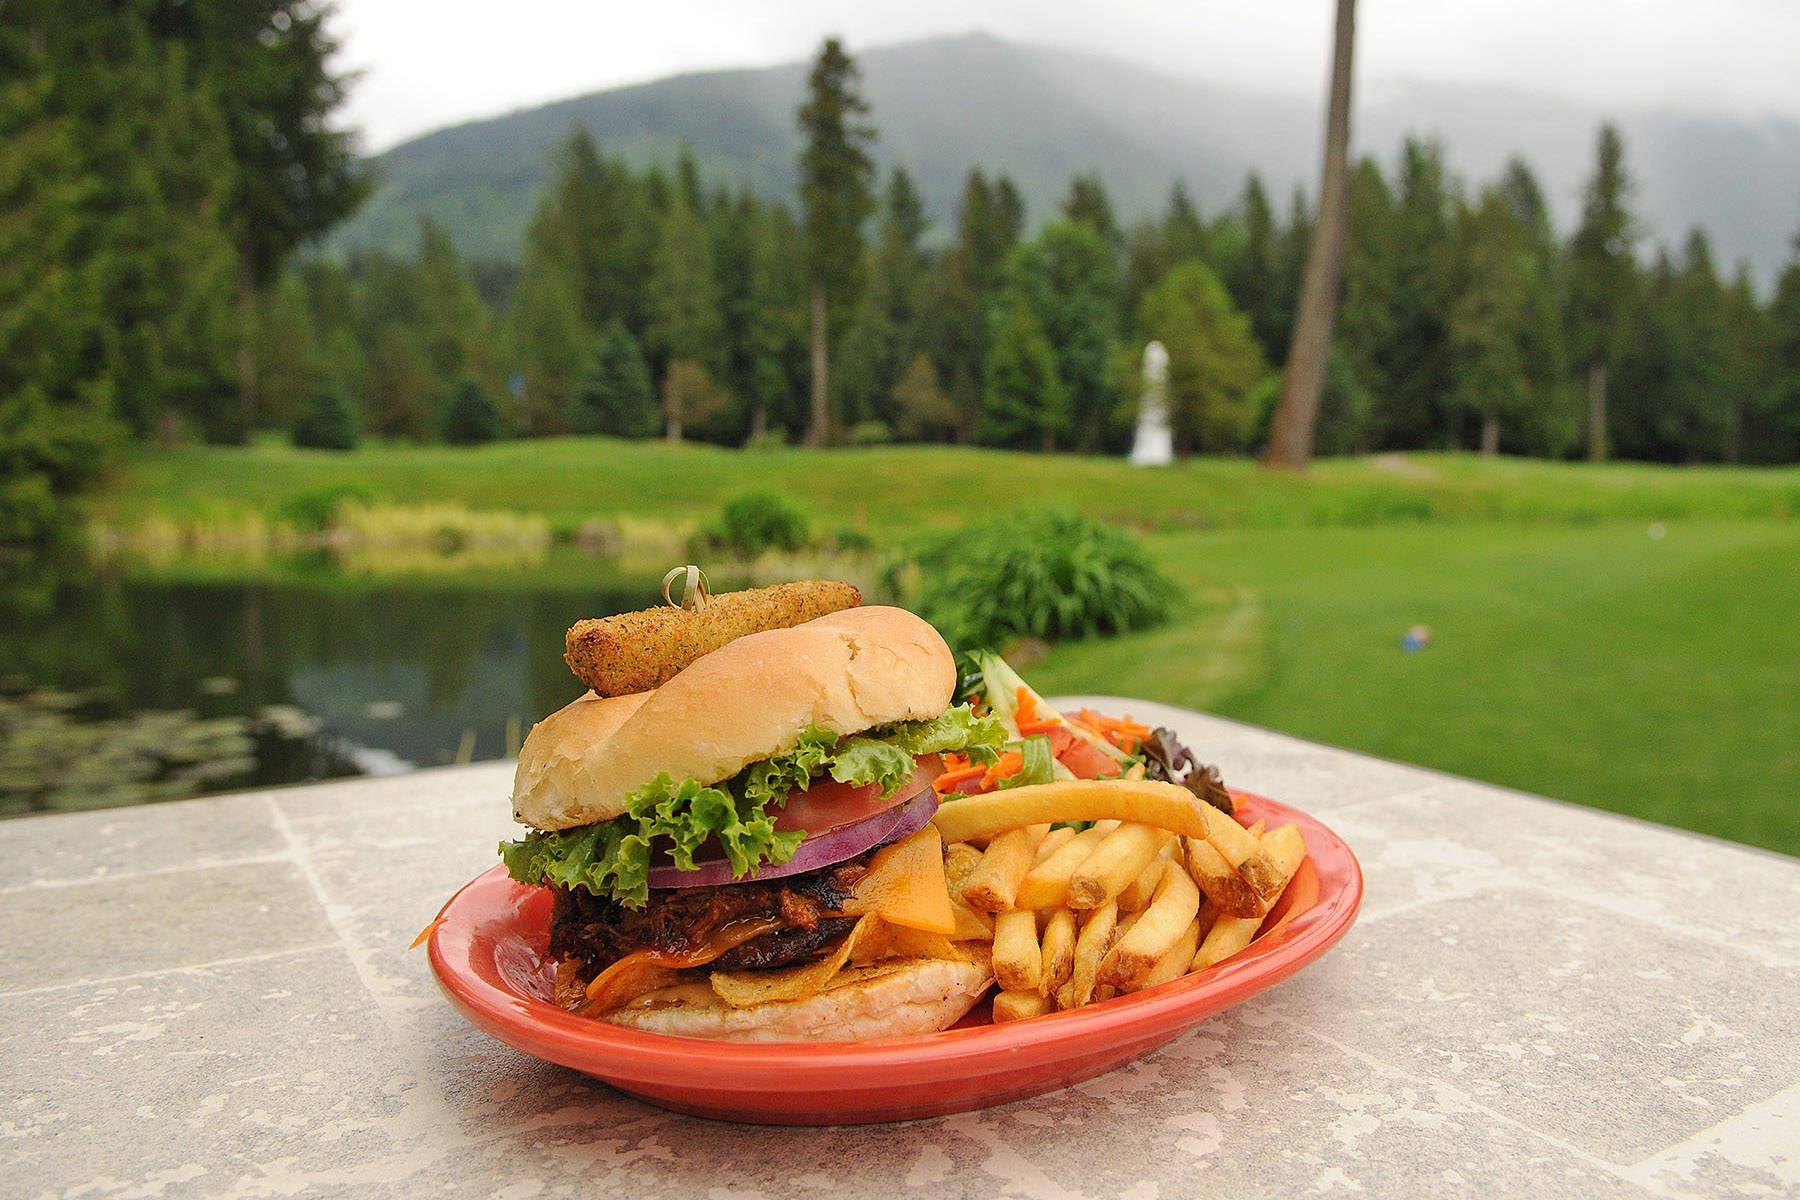 Friday, May 28, 2021 is Hamburger Day. (Jenna Hauck/ Chilliwack Progress file)